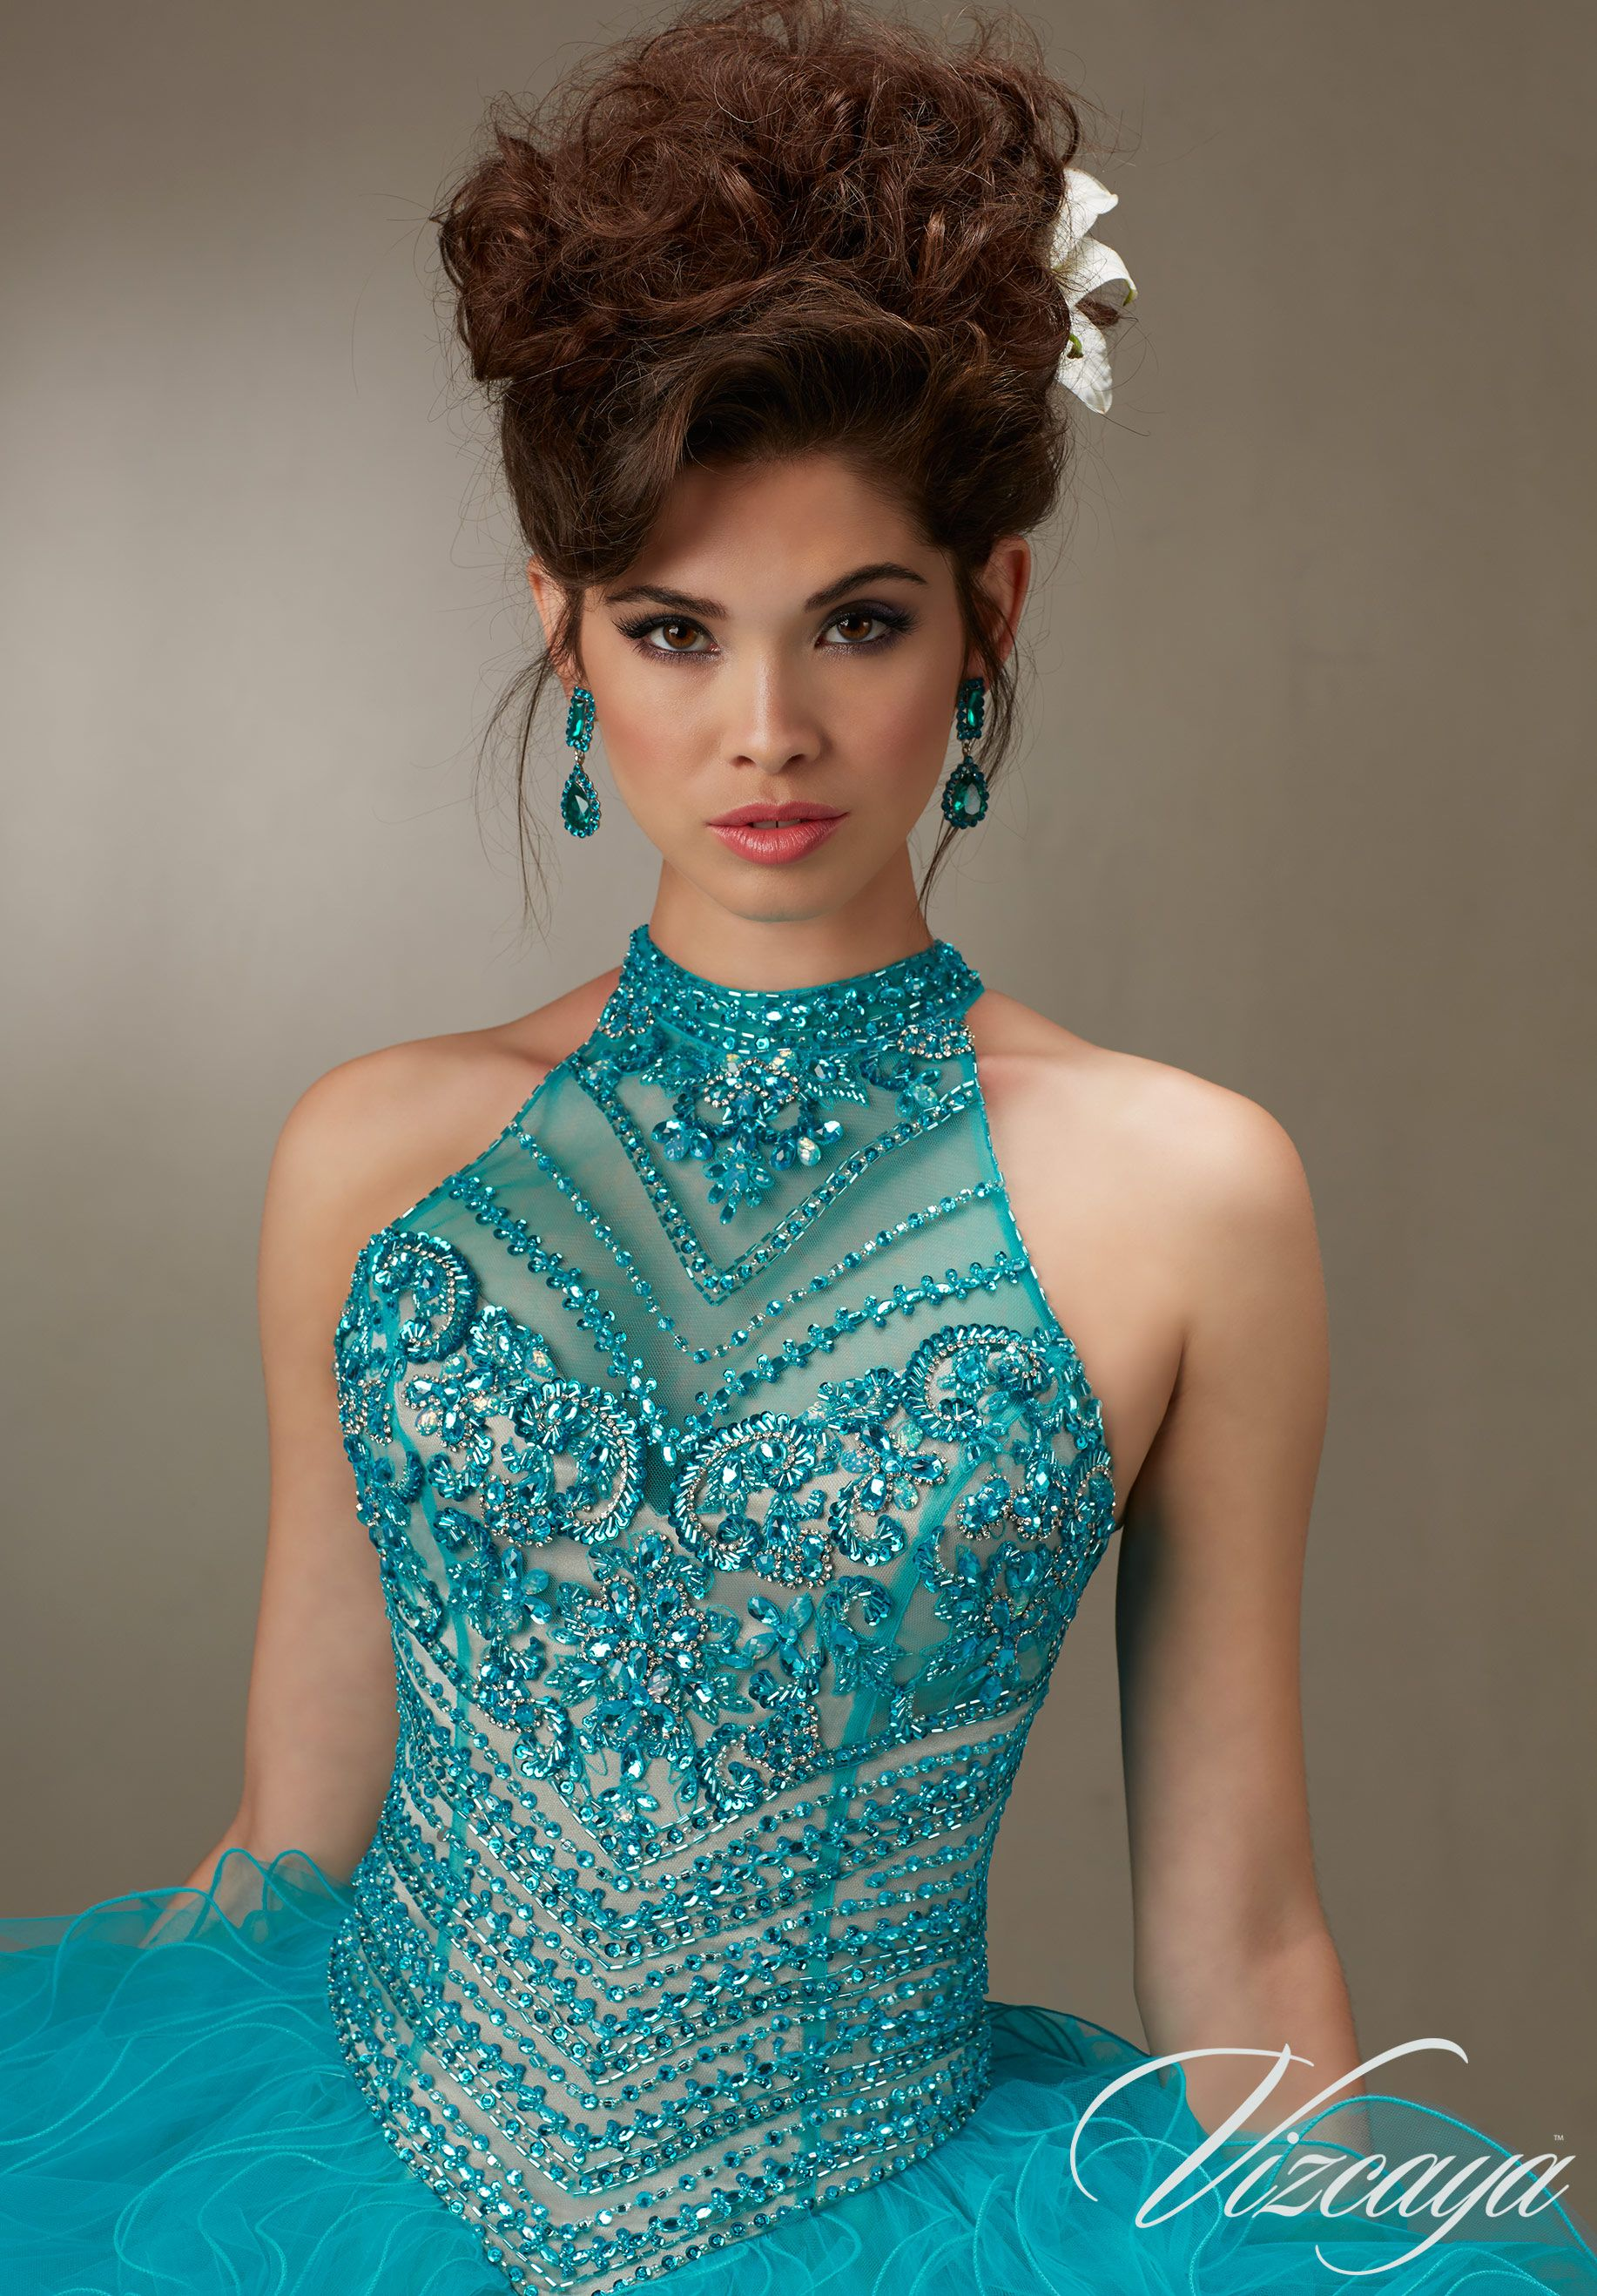 6216d8e8fa2 Jeweled Beading on a Ruffled Tulle Quinceañera Dress